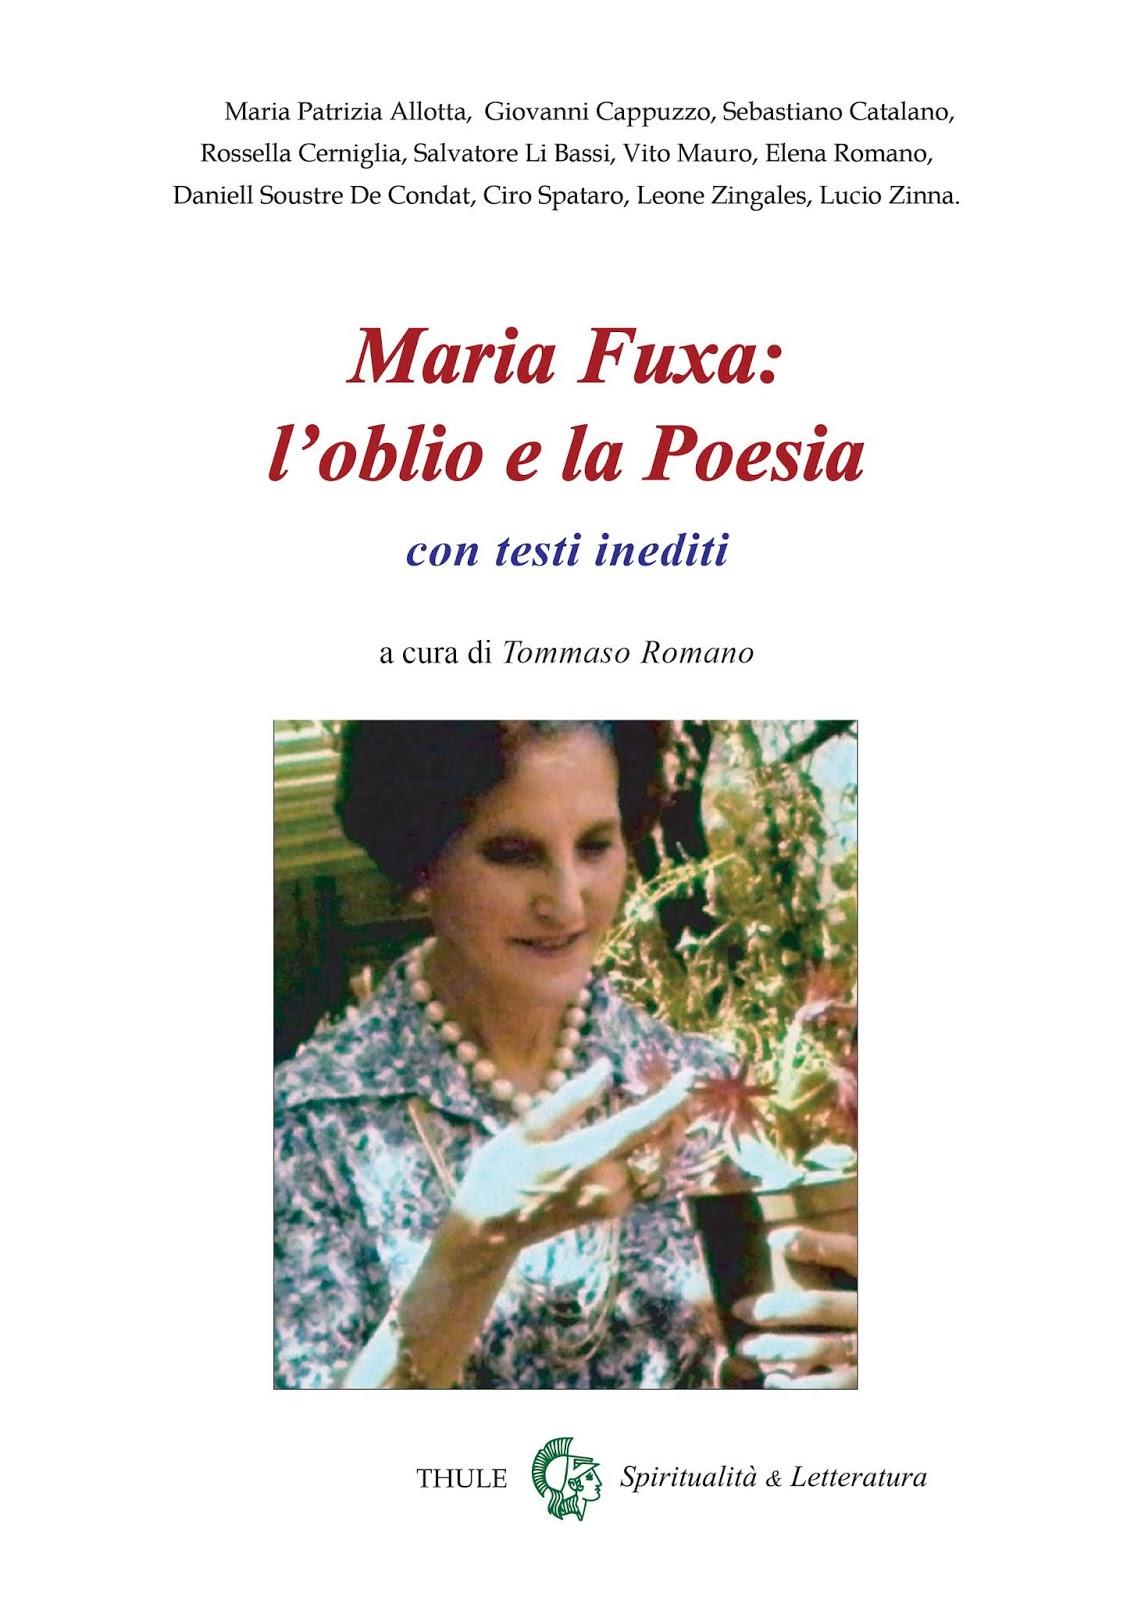 Pubblichiamo l'intervento di Vito Mauro alla presentazione dei volumi dedicati a Maria Fuxa